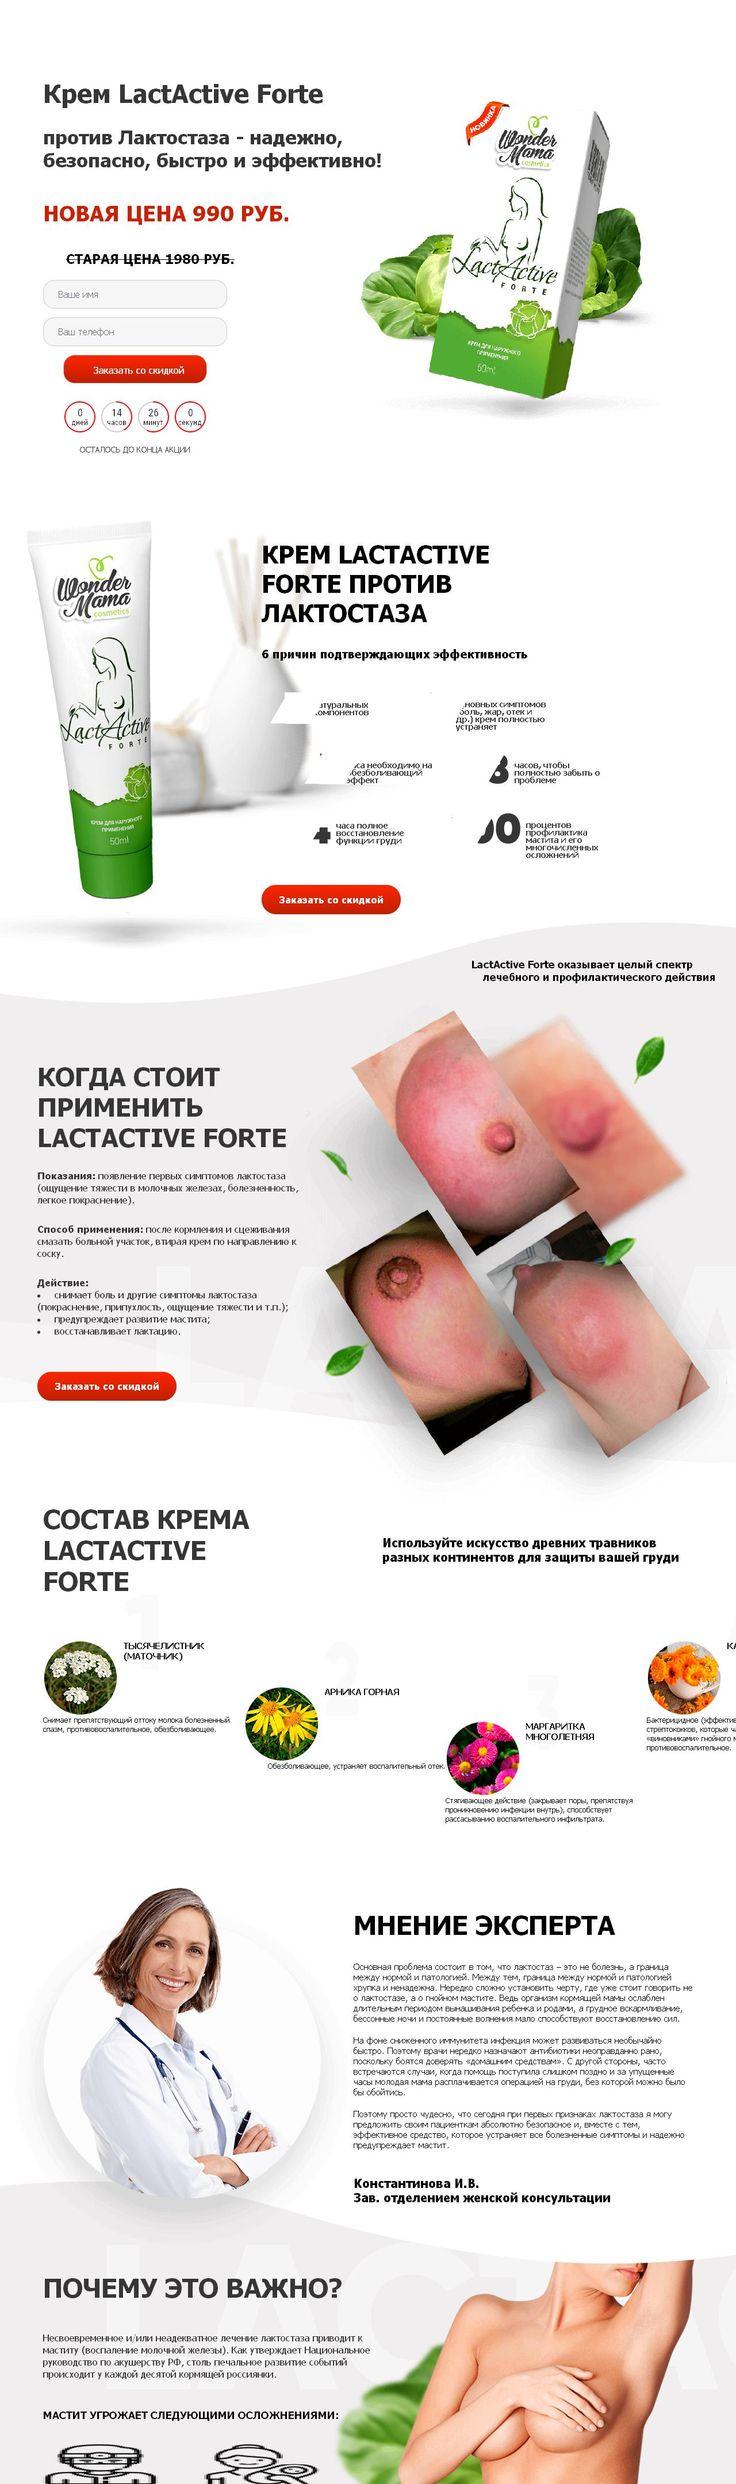 Крем LactActive Forte - от лактостаза в НижнемТагиле